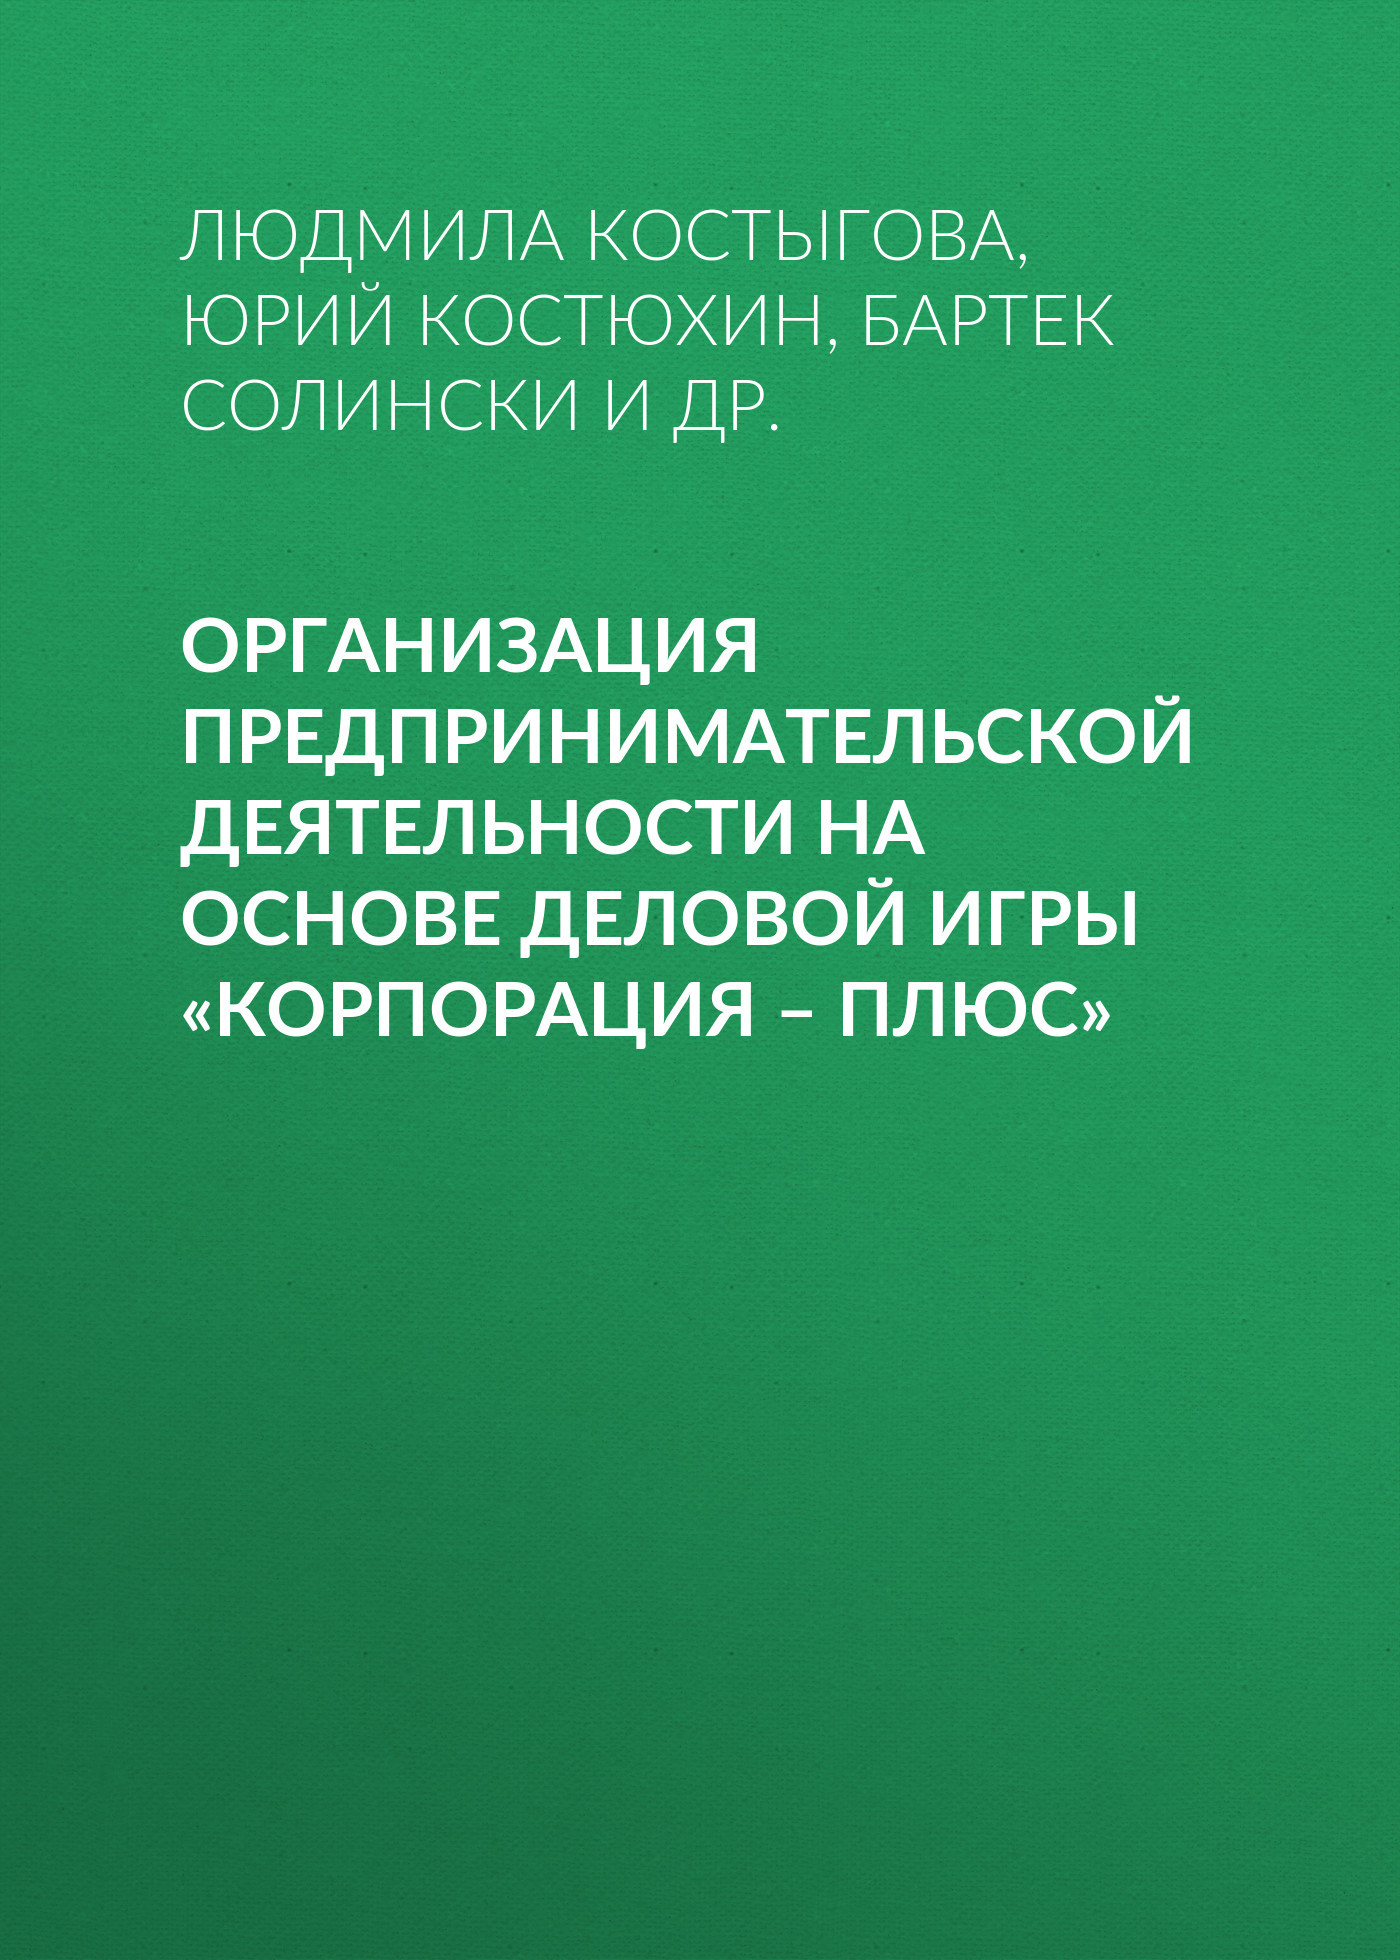 Юрий Костюхин Организация предпринимательской деятельности на основе деловой игры «корпорация – плюс»